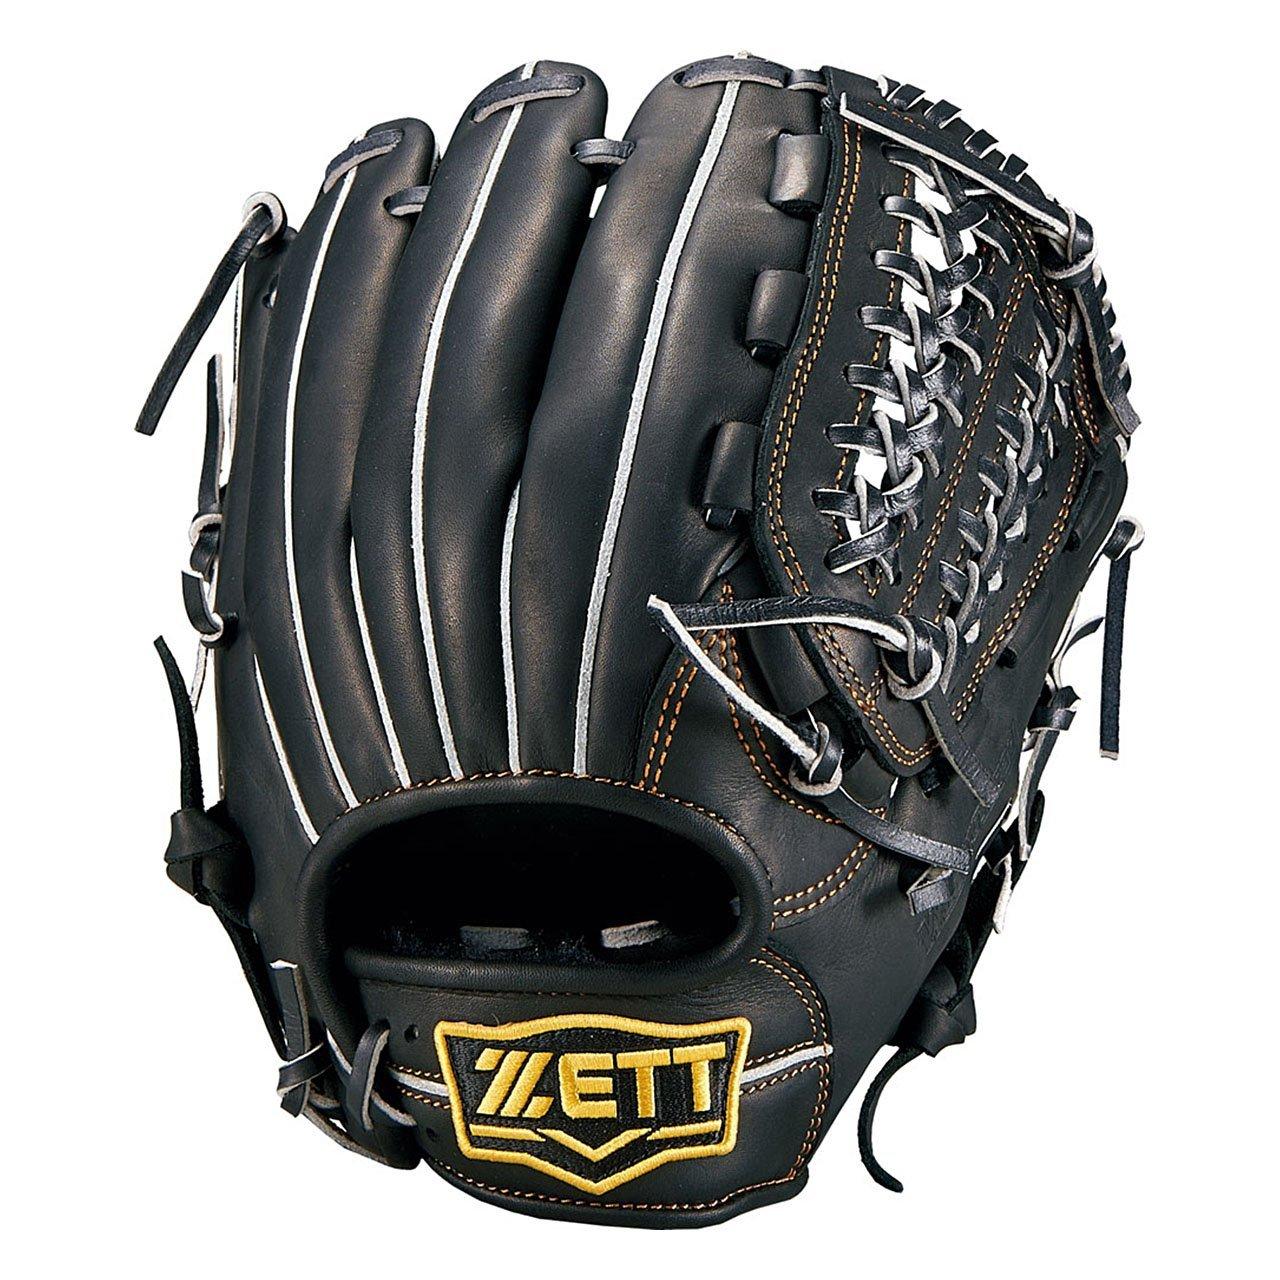 ZETT(ゼット) 野球 軟式 オールラウンド グラブ(グローブ) ウイニングロード (右投げ用) BRGB33740 B01M29ZEL2  ブラック